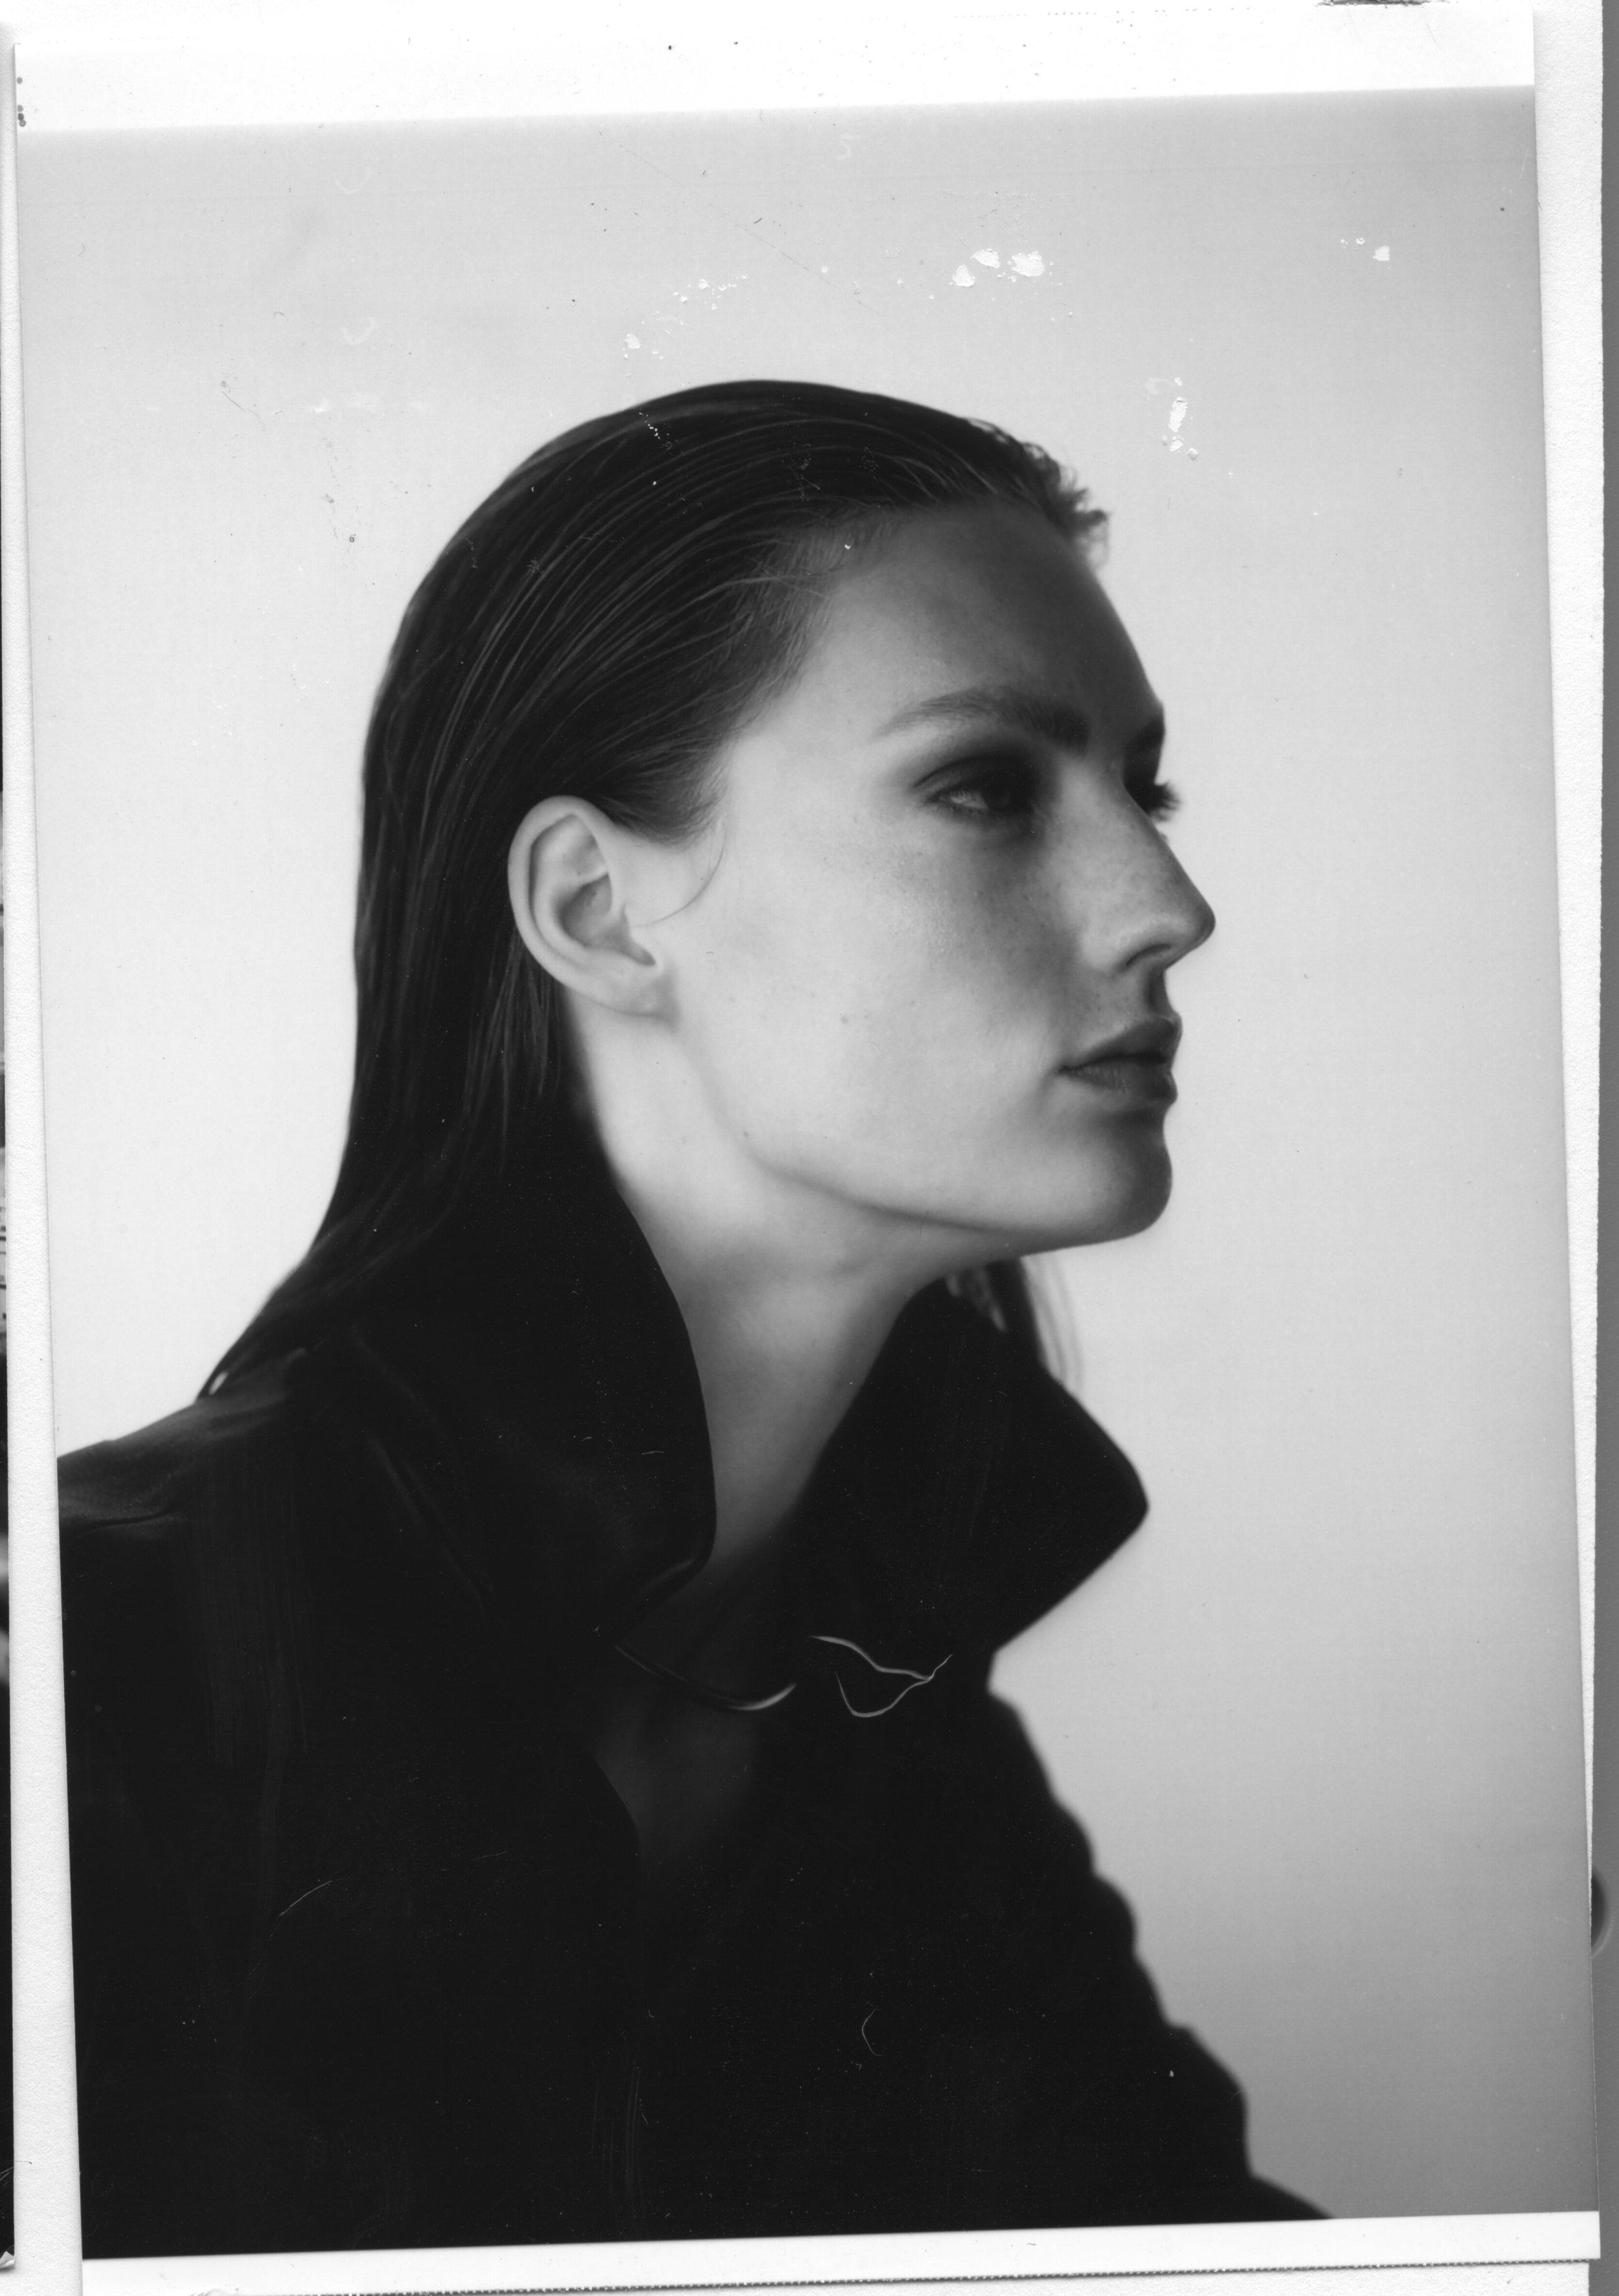 Susanne Knipper